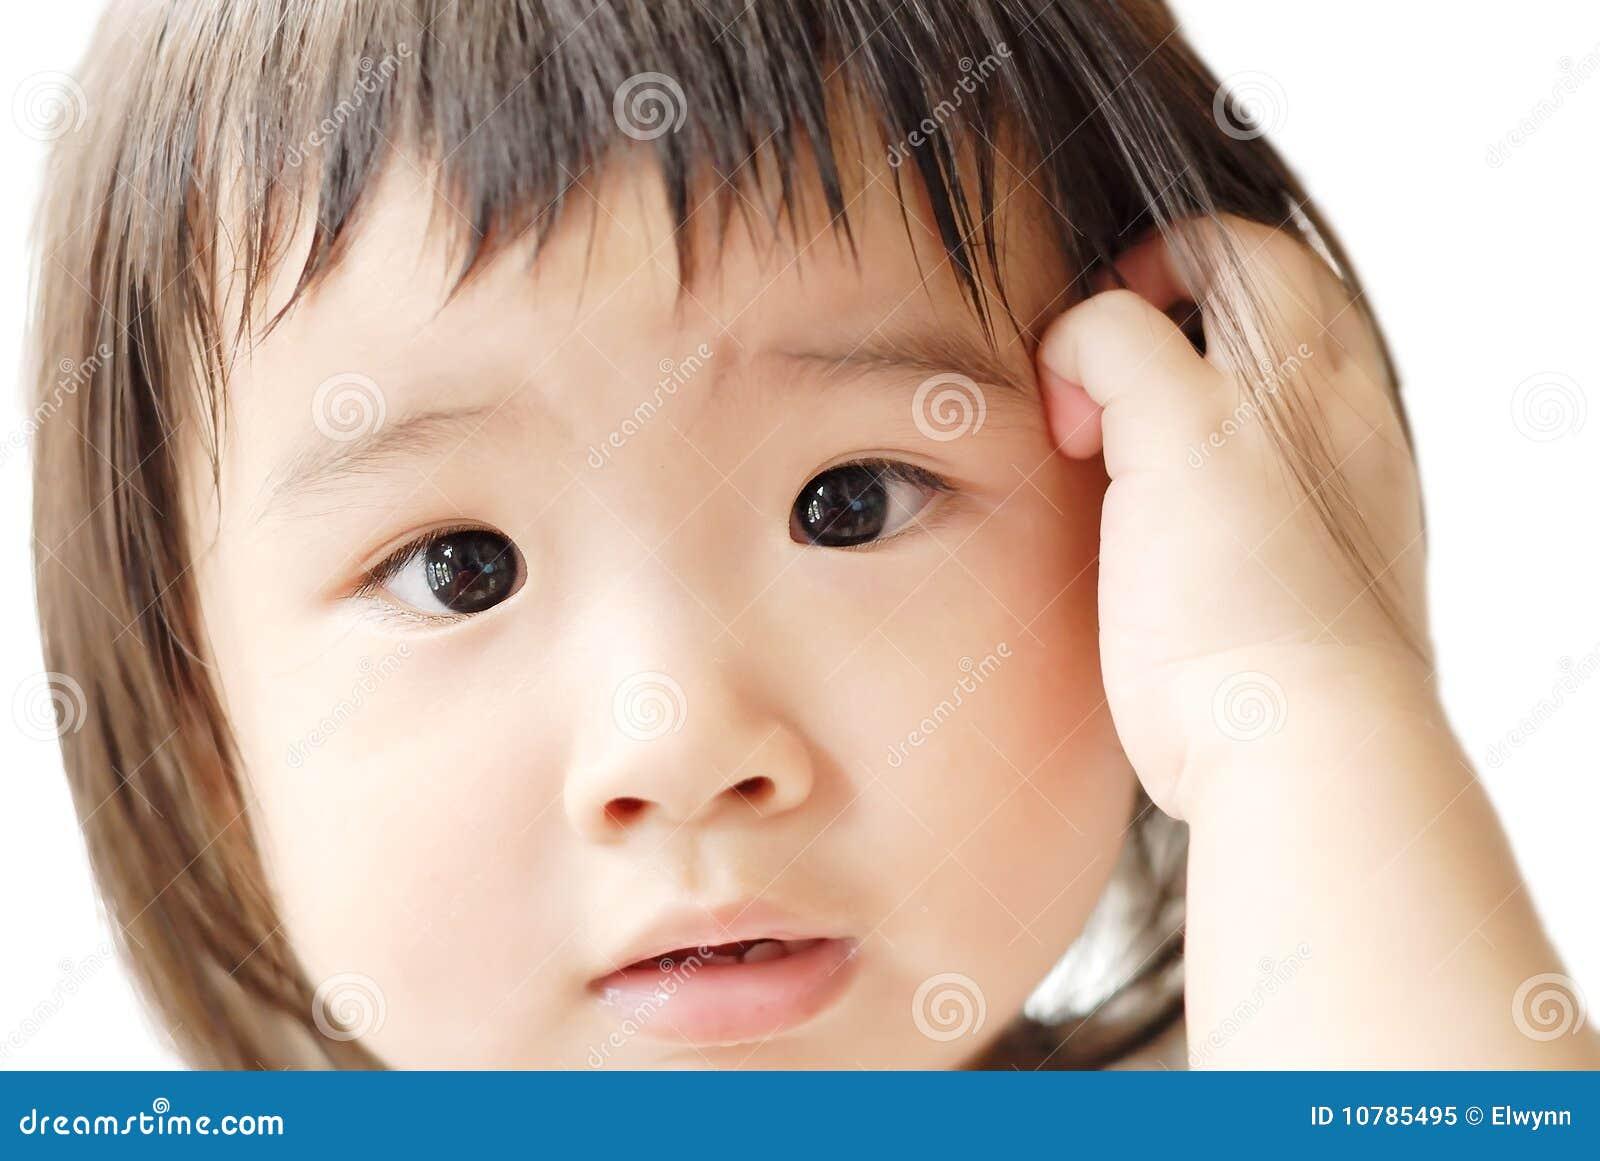 Dziecko wprawiać w zakłopotanie twarz